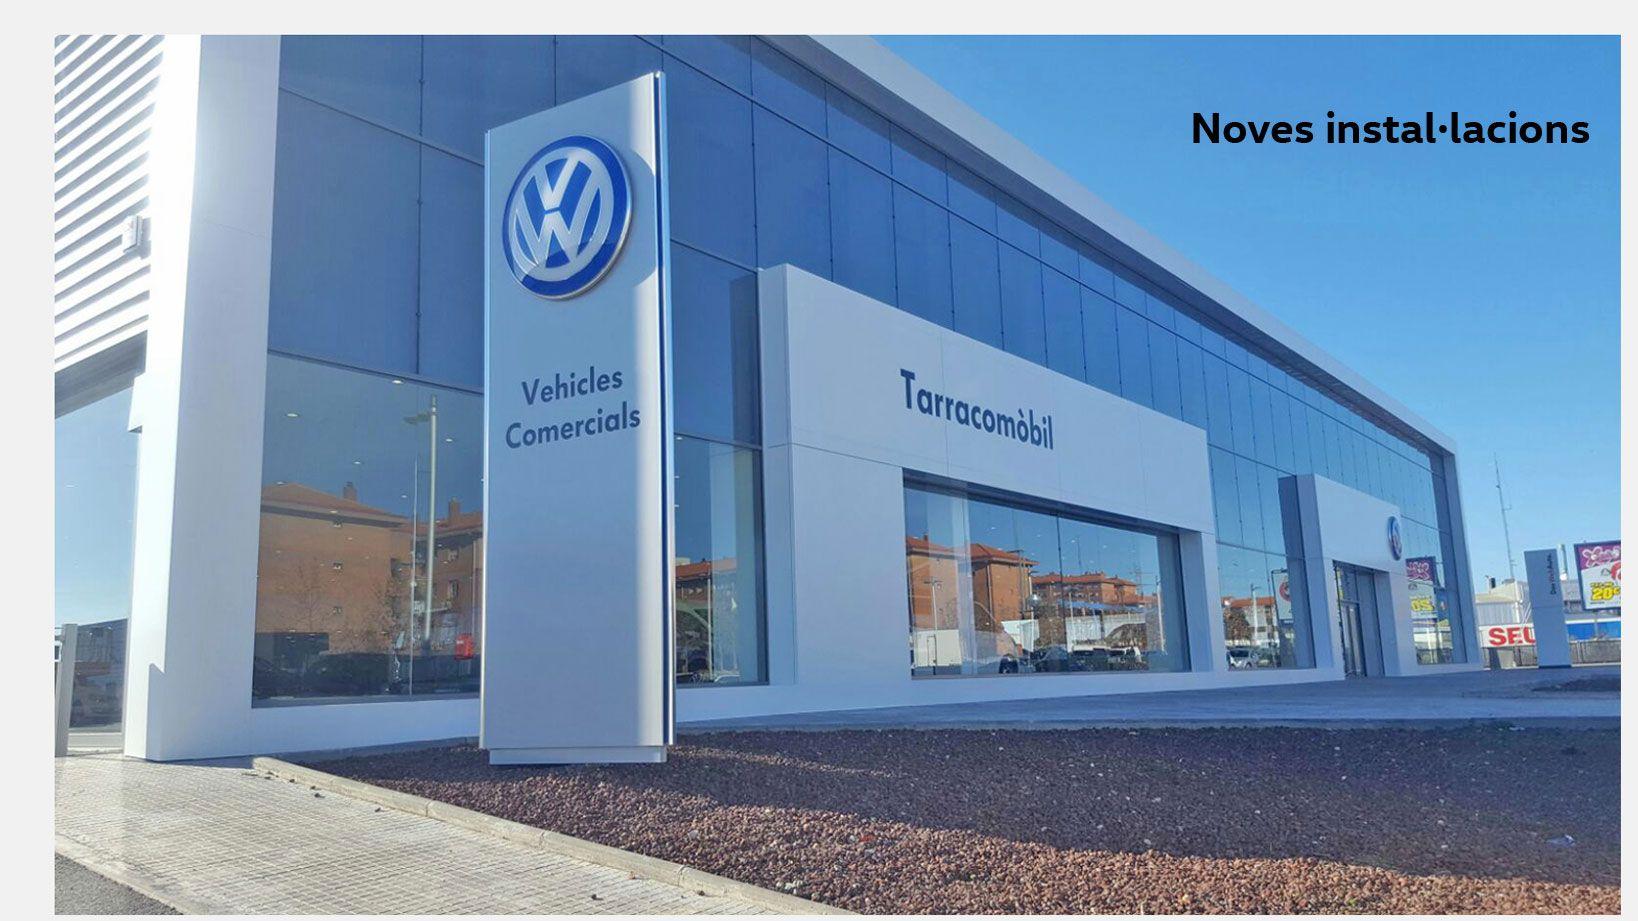 nuevas instalaciones Volkswagen